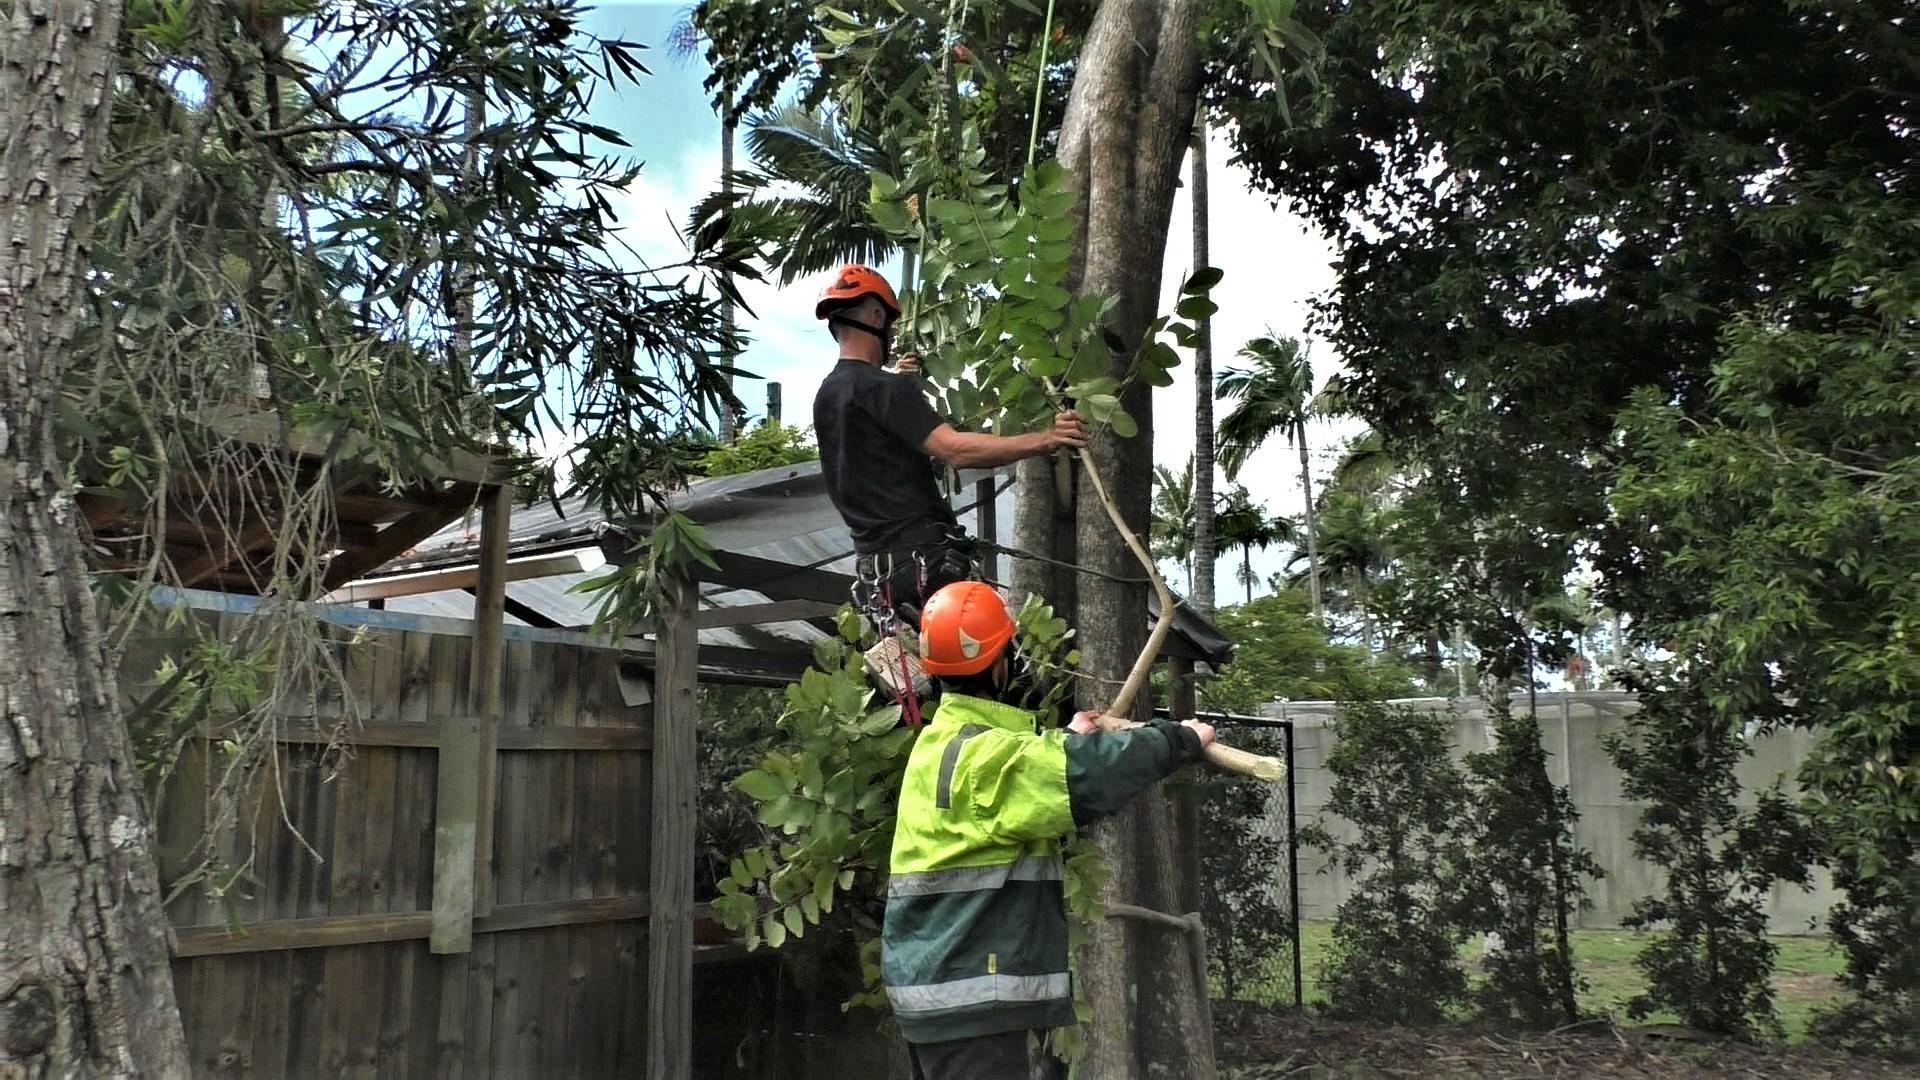 Arborcare SEQ Senior Arborist Paul Ash - Treelopper Brisbane North 02